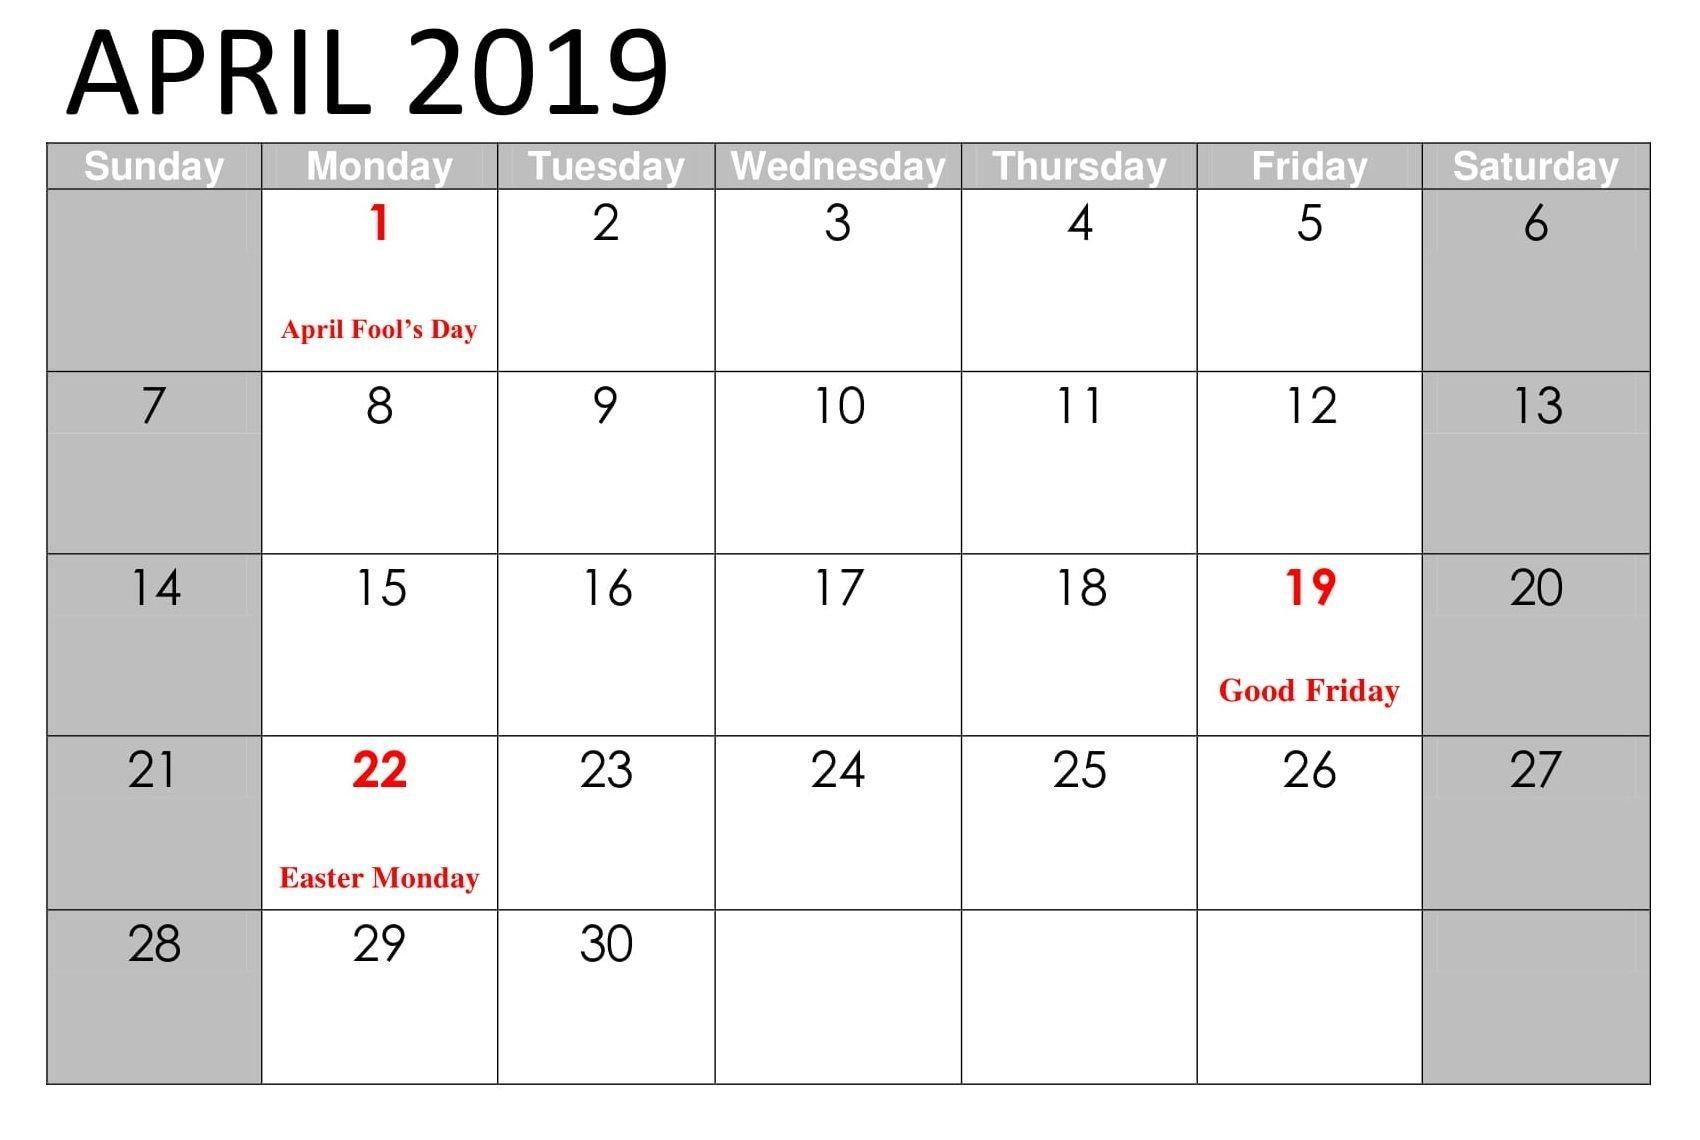 April 2019 Calendar Printable With Holidays | April 2019 Calendar Calendar 2019 Events And Holidays